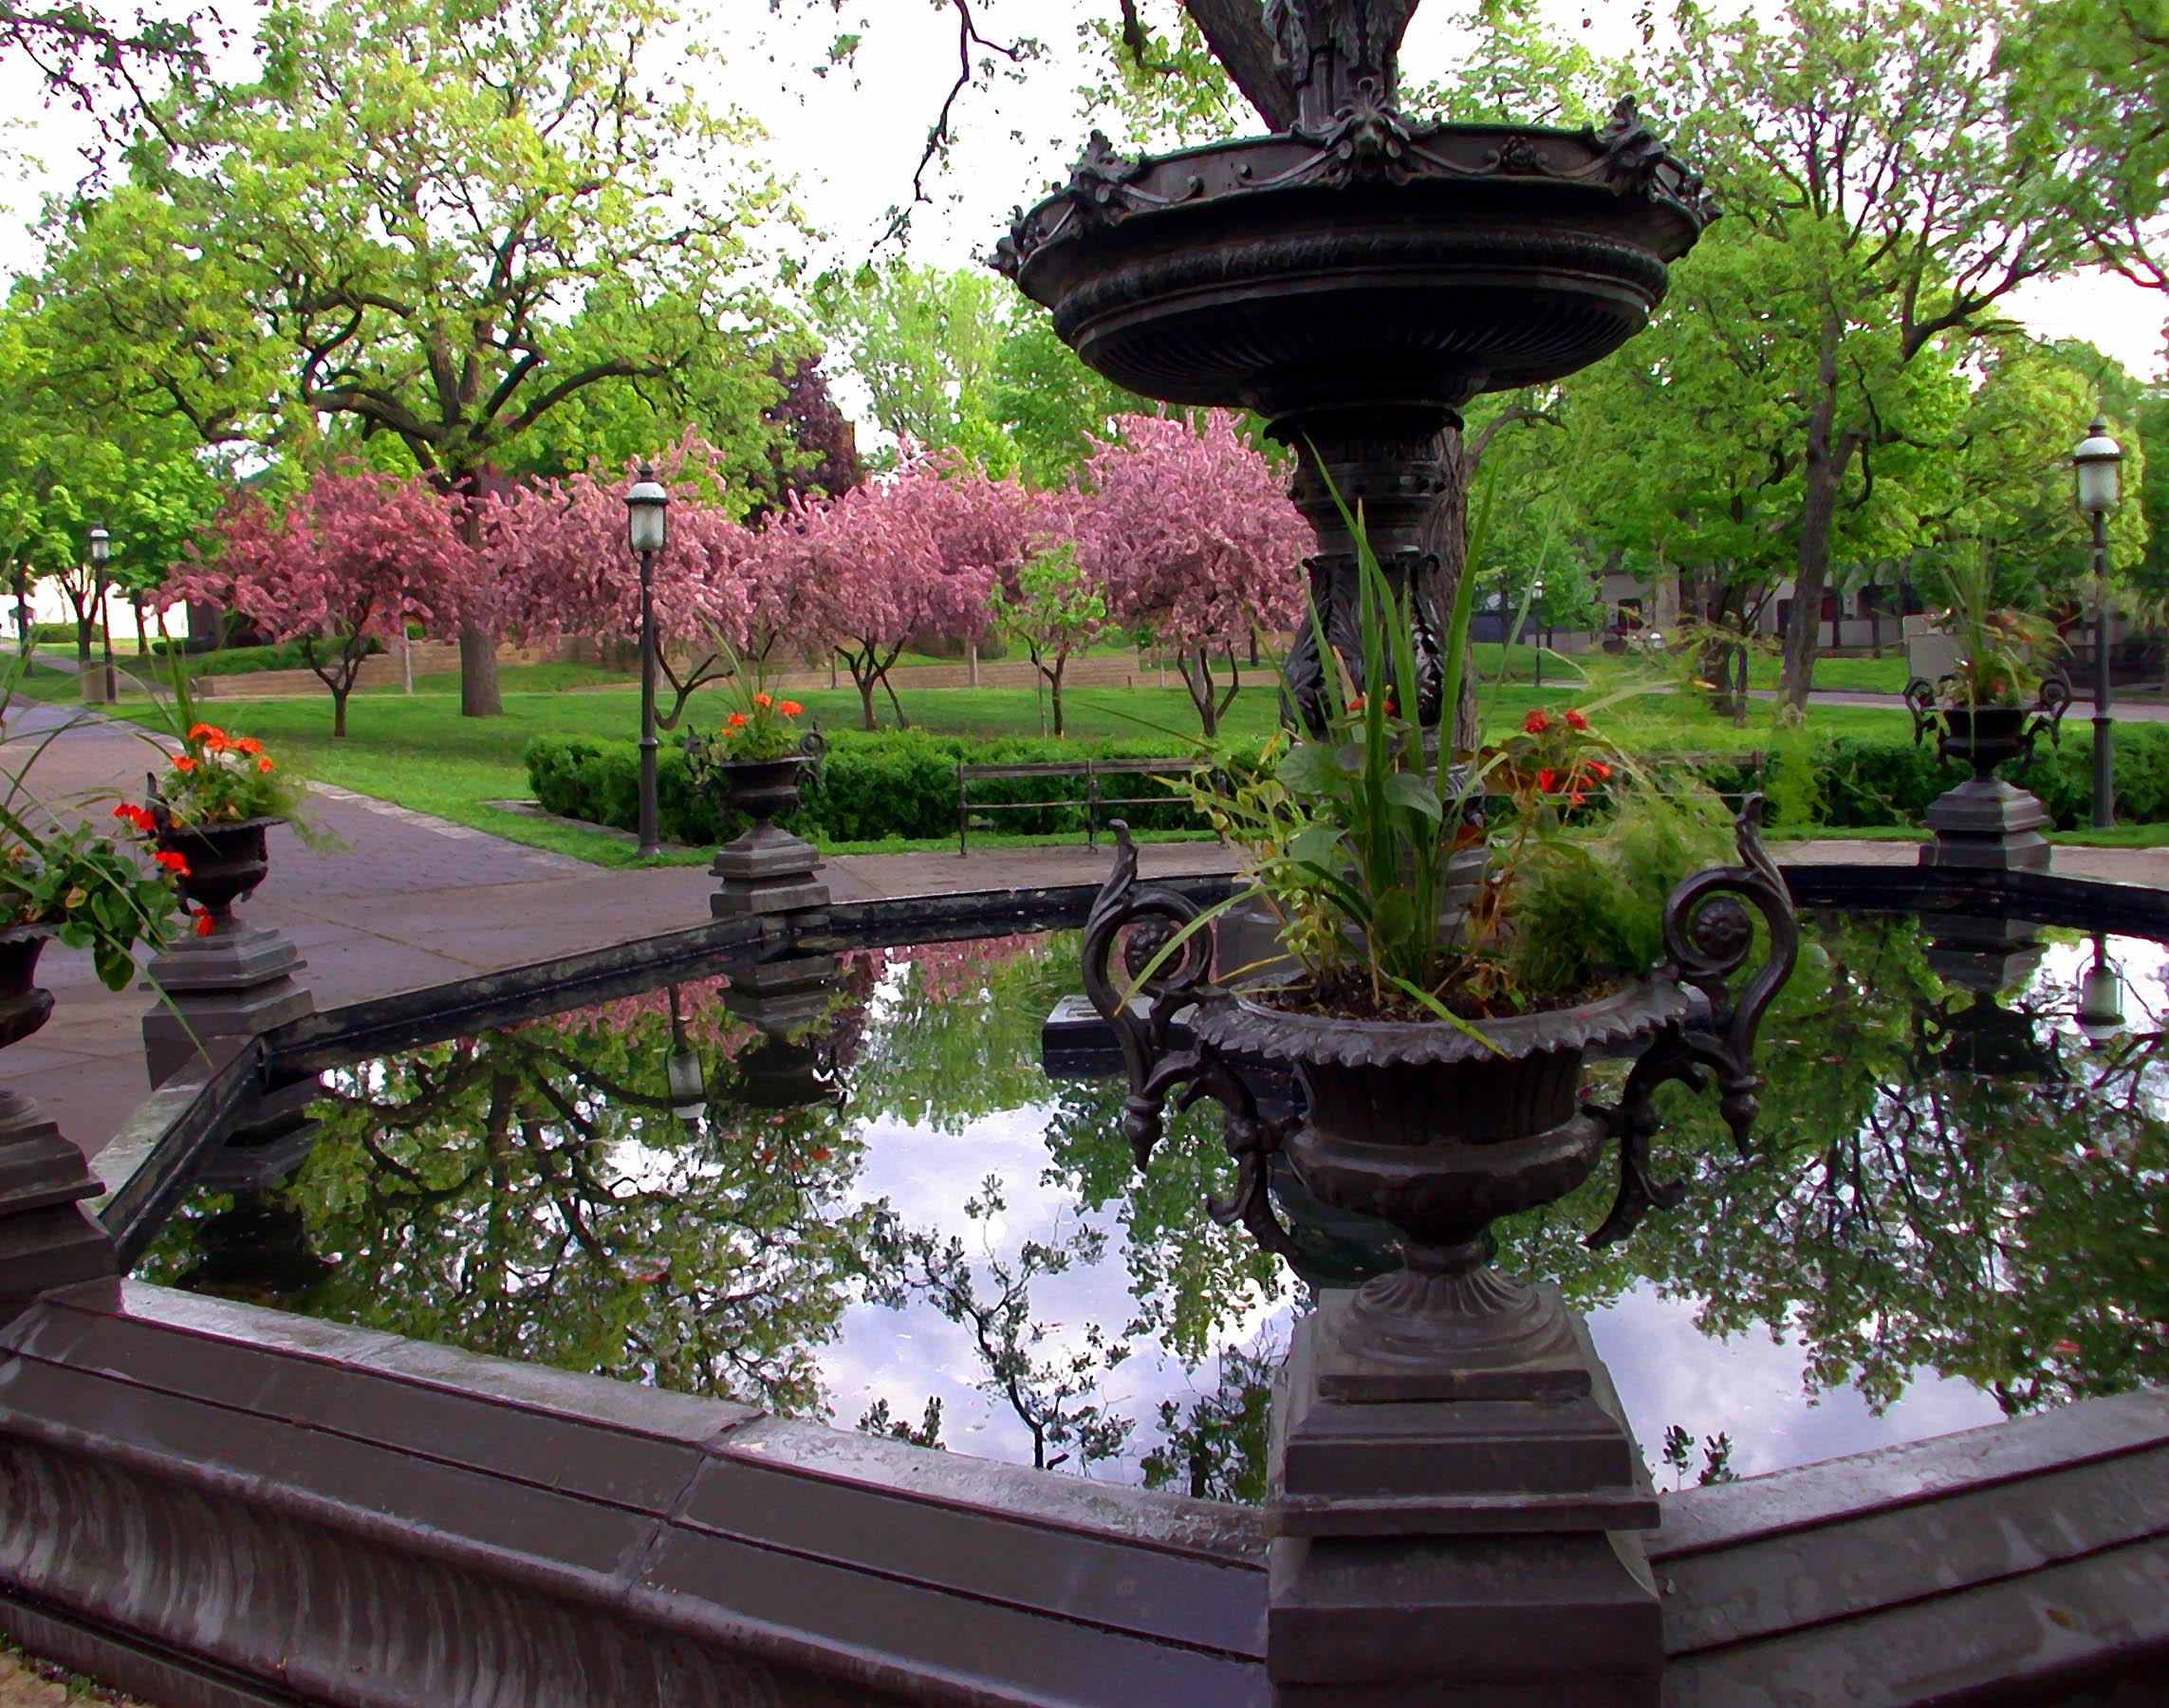 02.FountainReflection.jpg